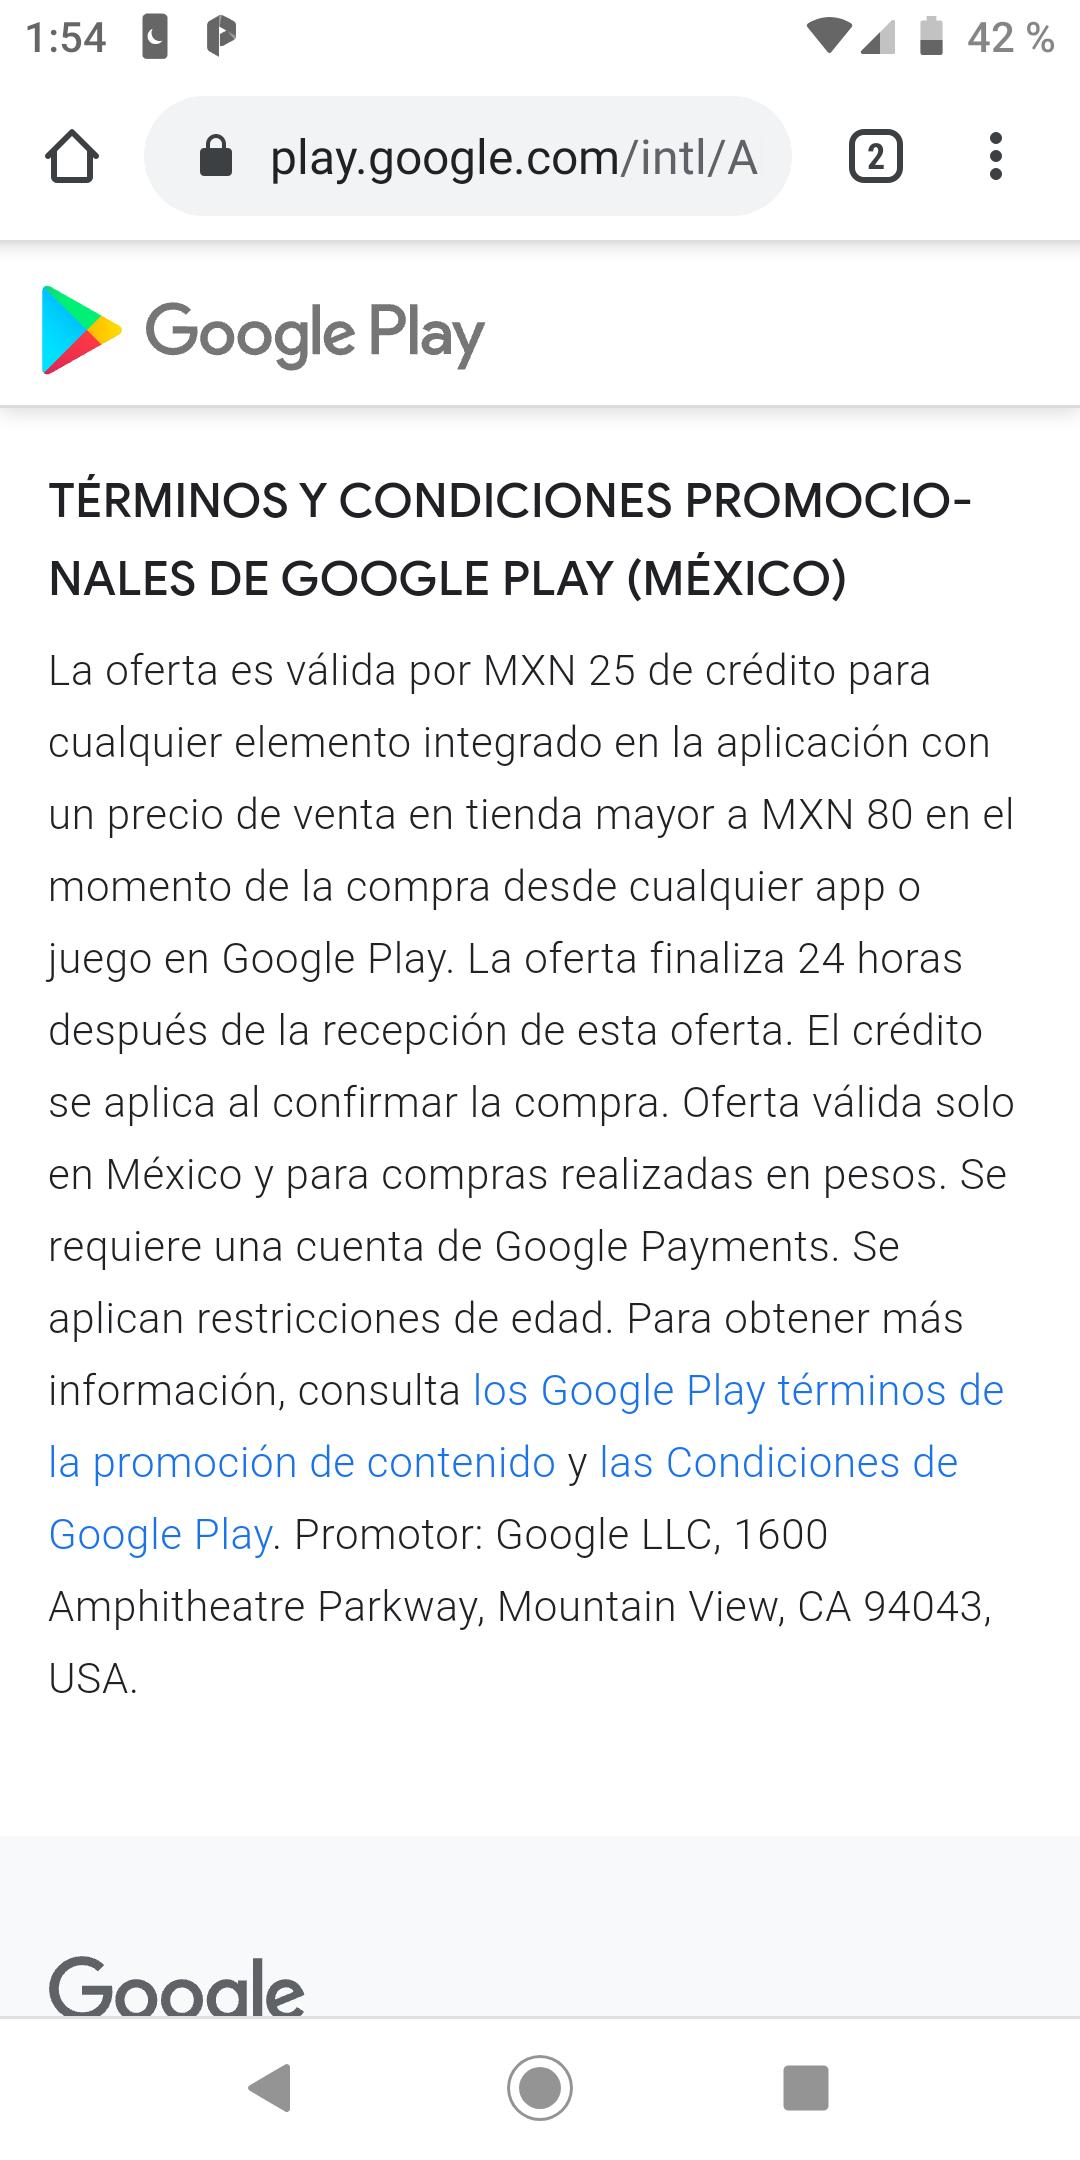 Google playcompra de un artículo de 80 te regresan 25